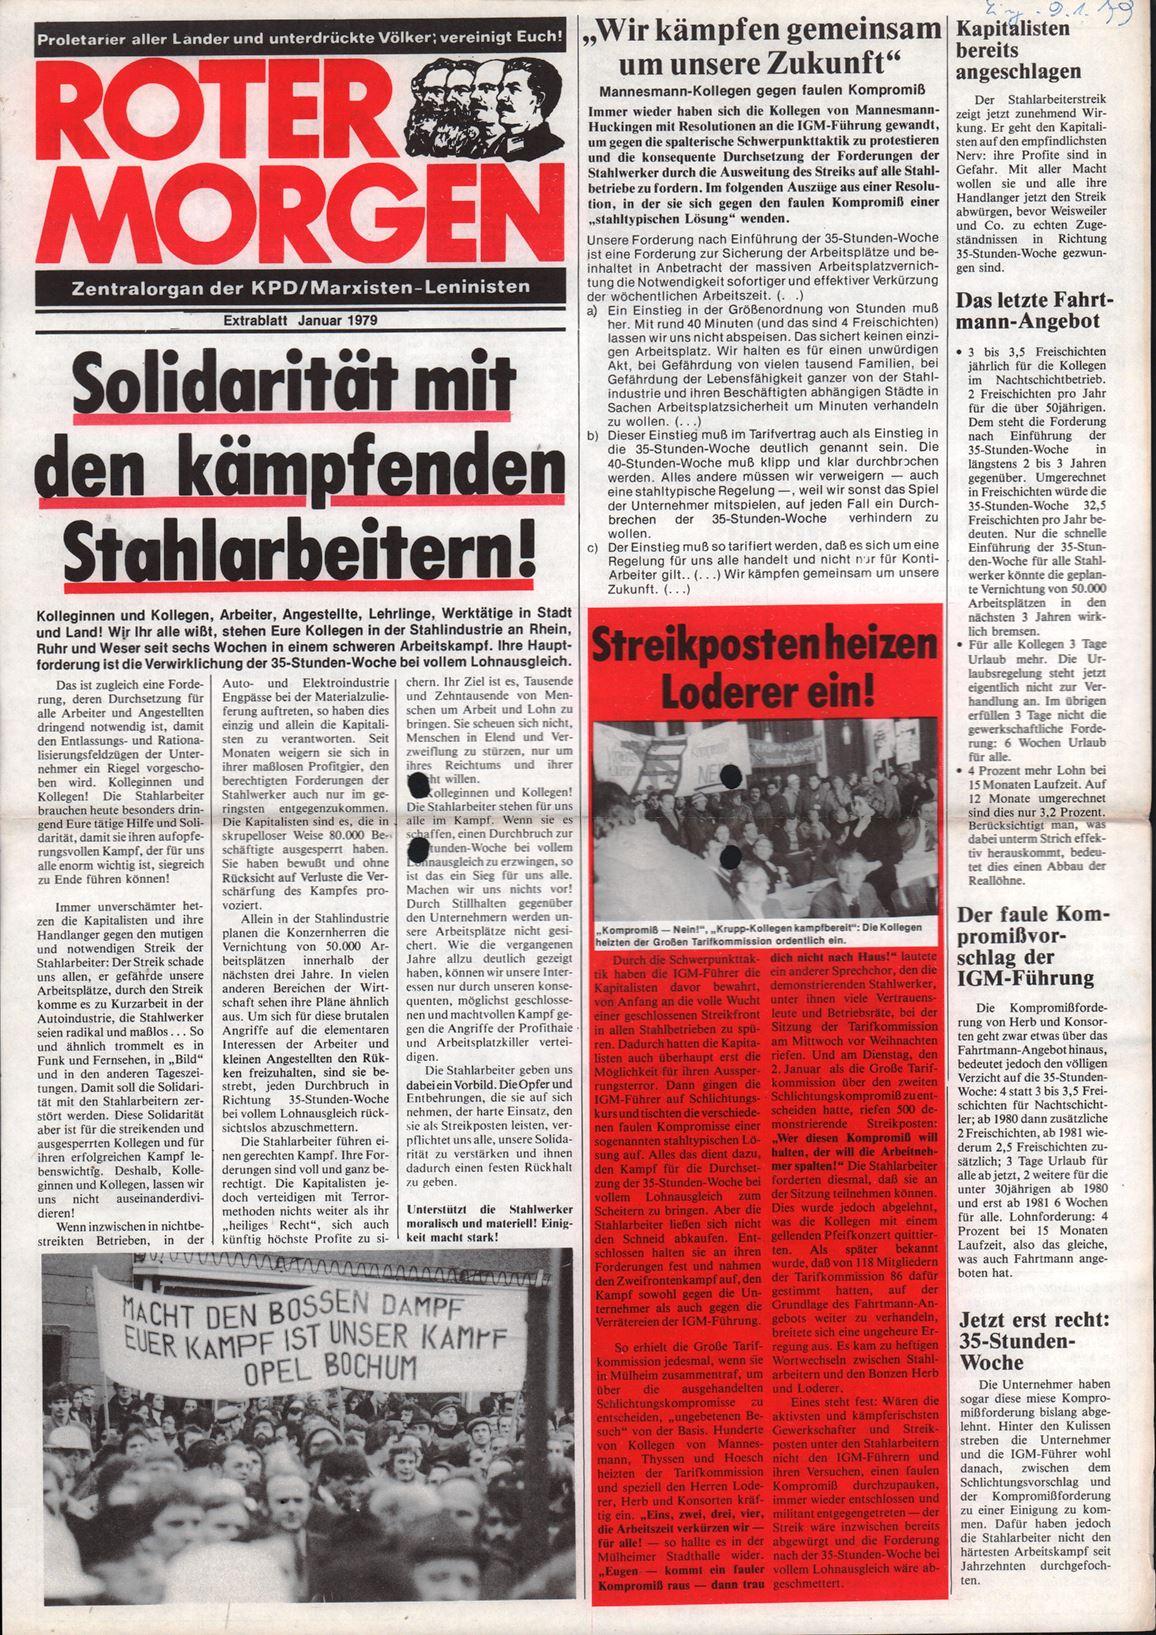 Roter Morgen, 13. Jg., Januar 1979, Extrablatt, Seite 1